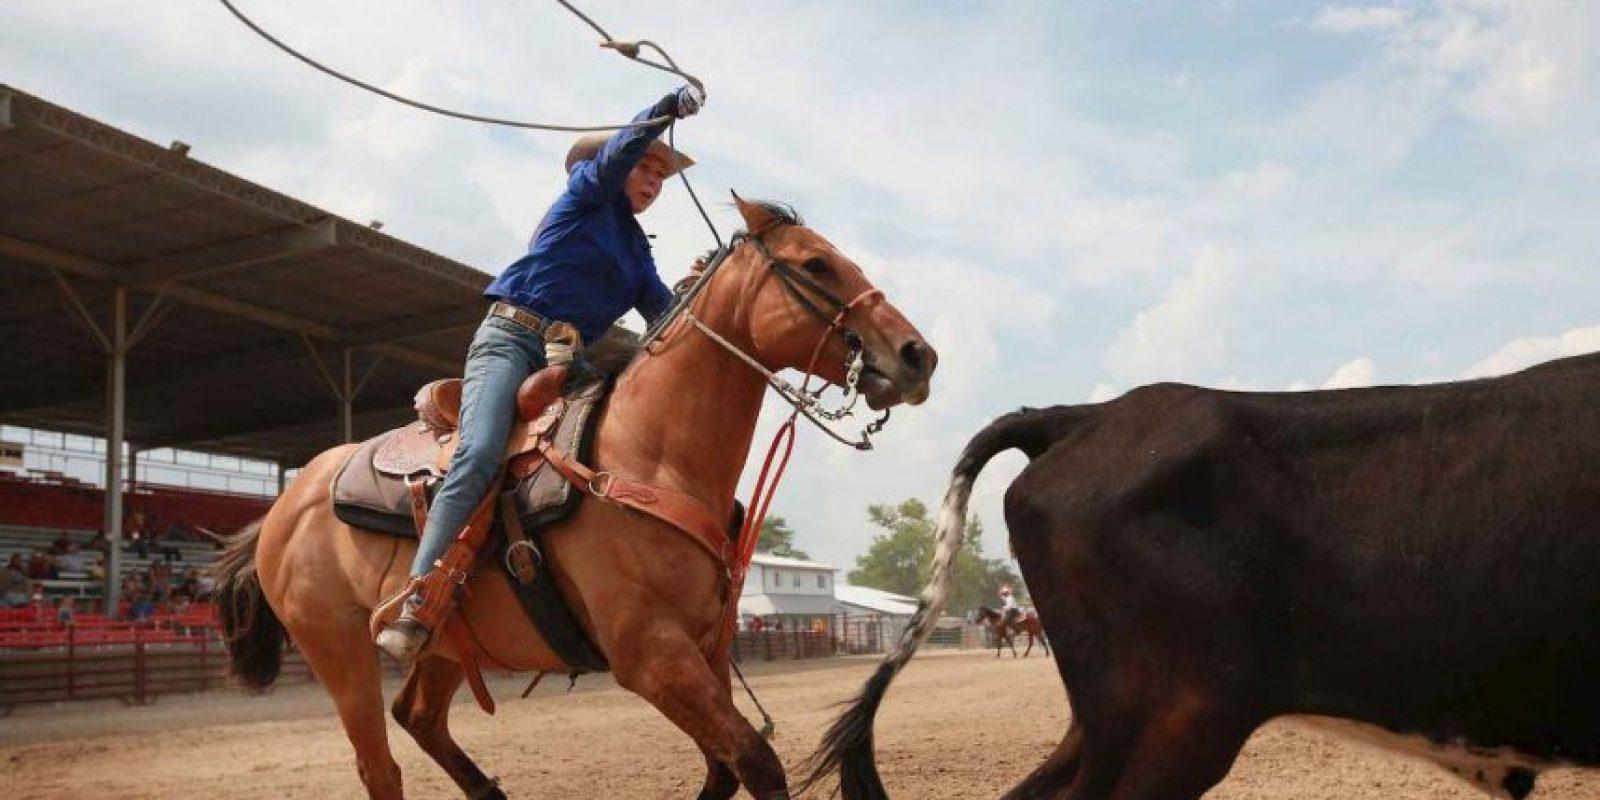 Grupos animalistas se oponen a esta práctica, ya que es considerada como abuso animal Foto:Getty Images